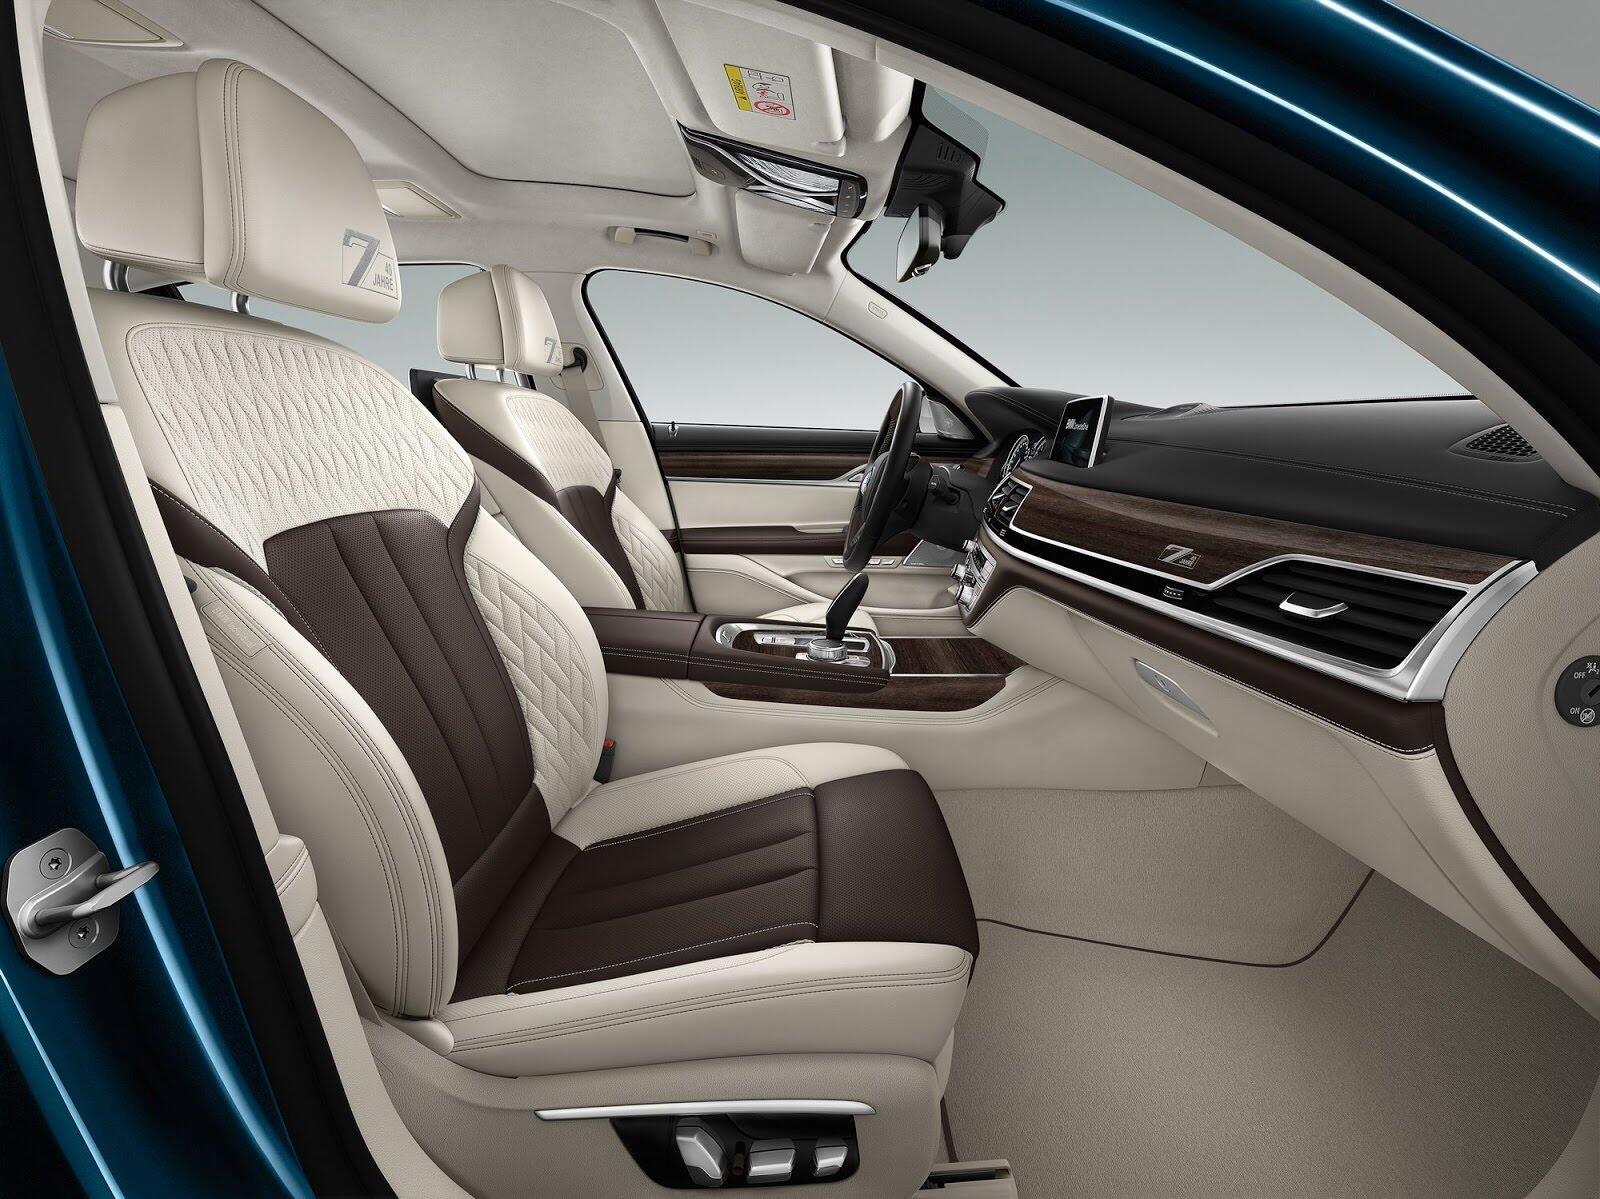 BMW 7-Series ra mắt phiên bản kỷ niệm chỉ 200 chiếc - Hình 9